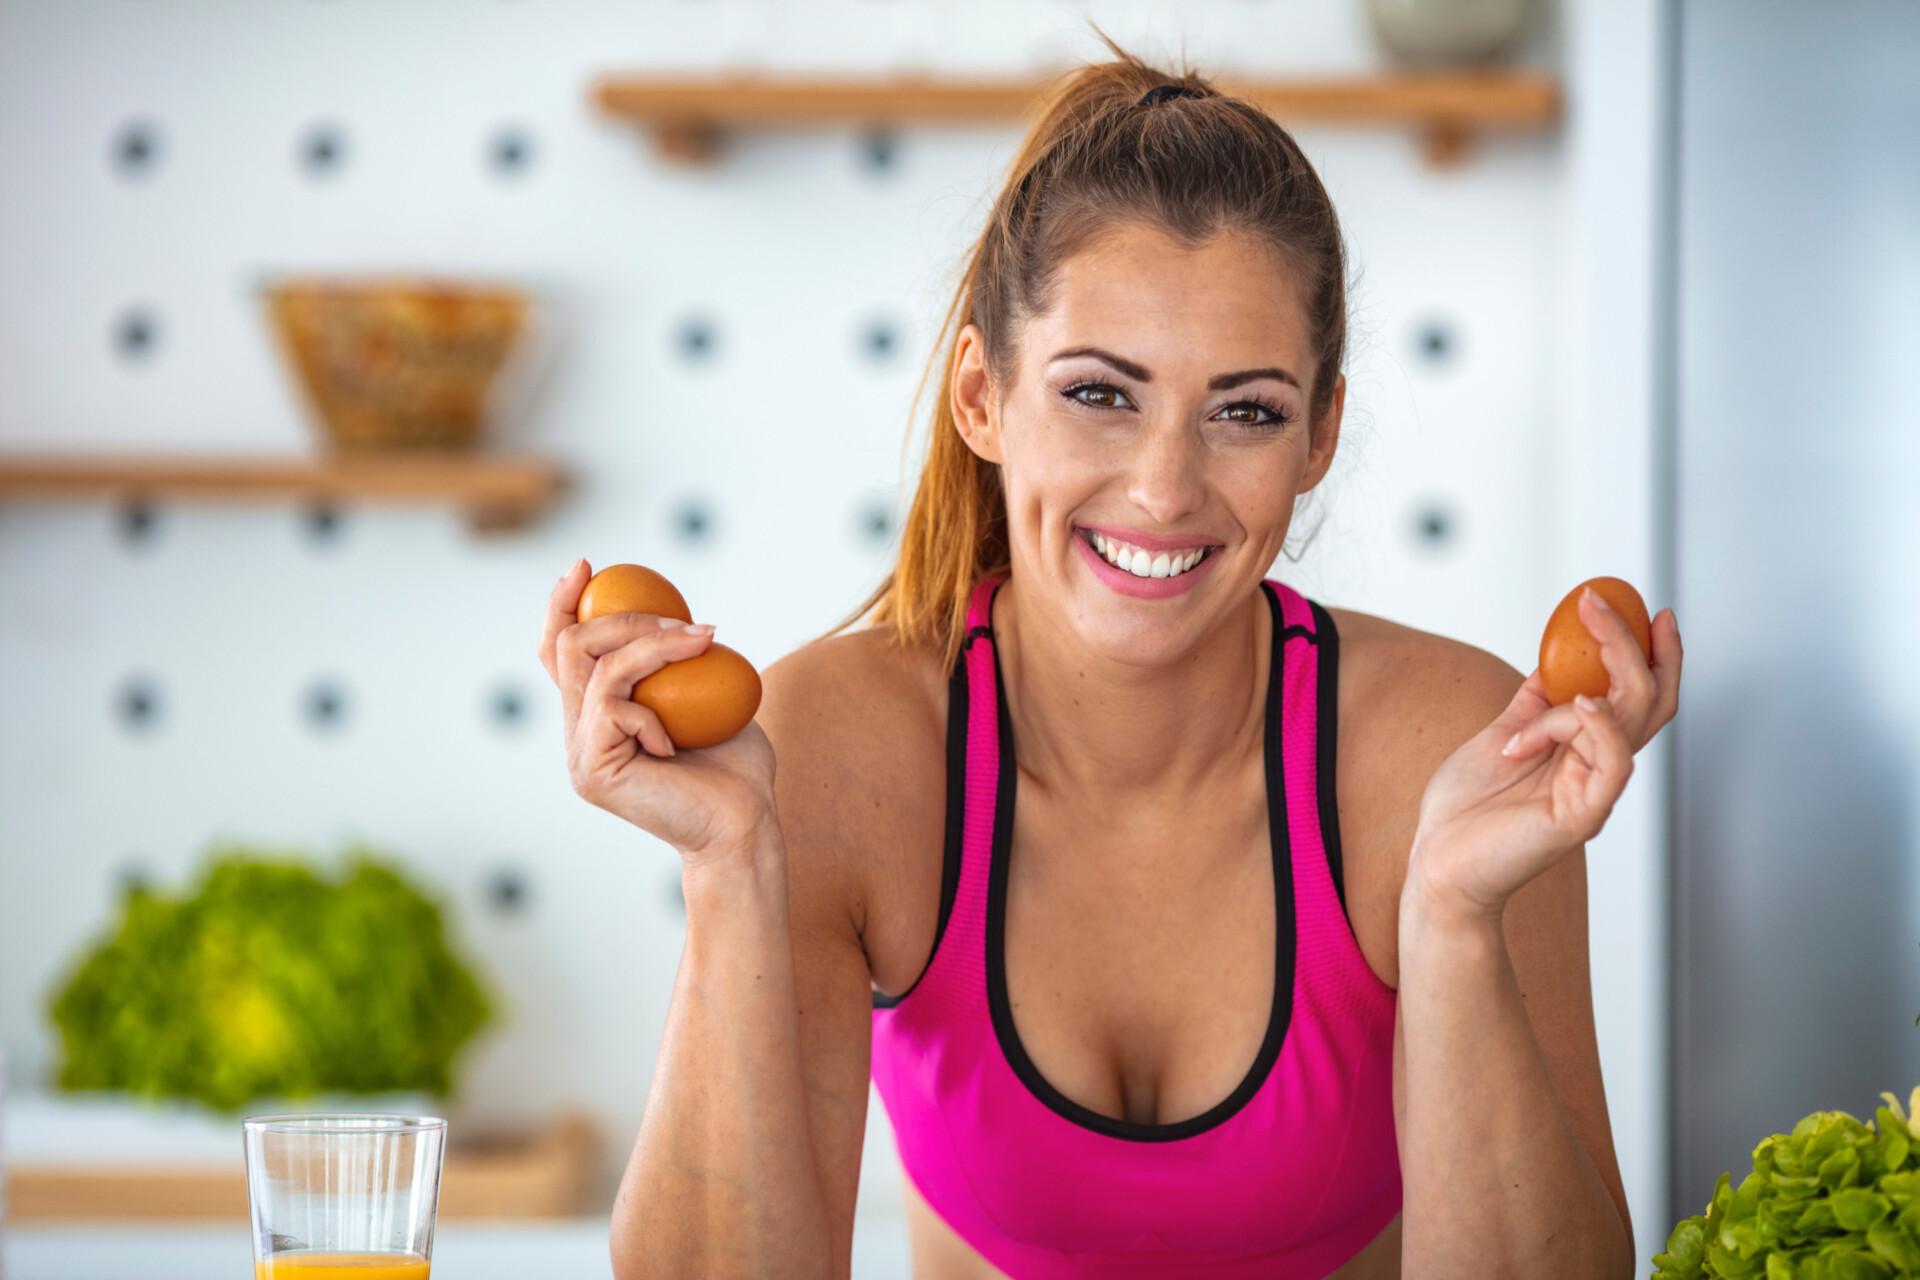 女性がダイエット食品を持っている